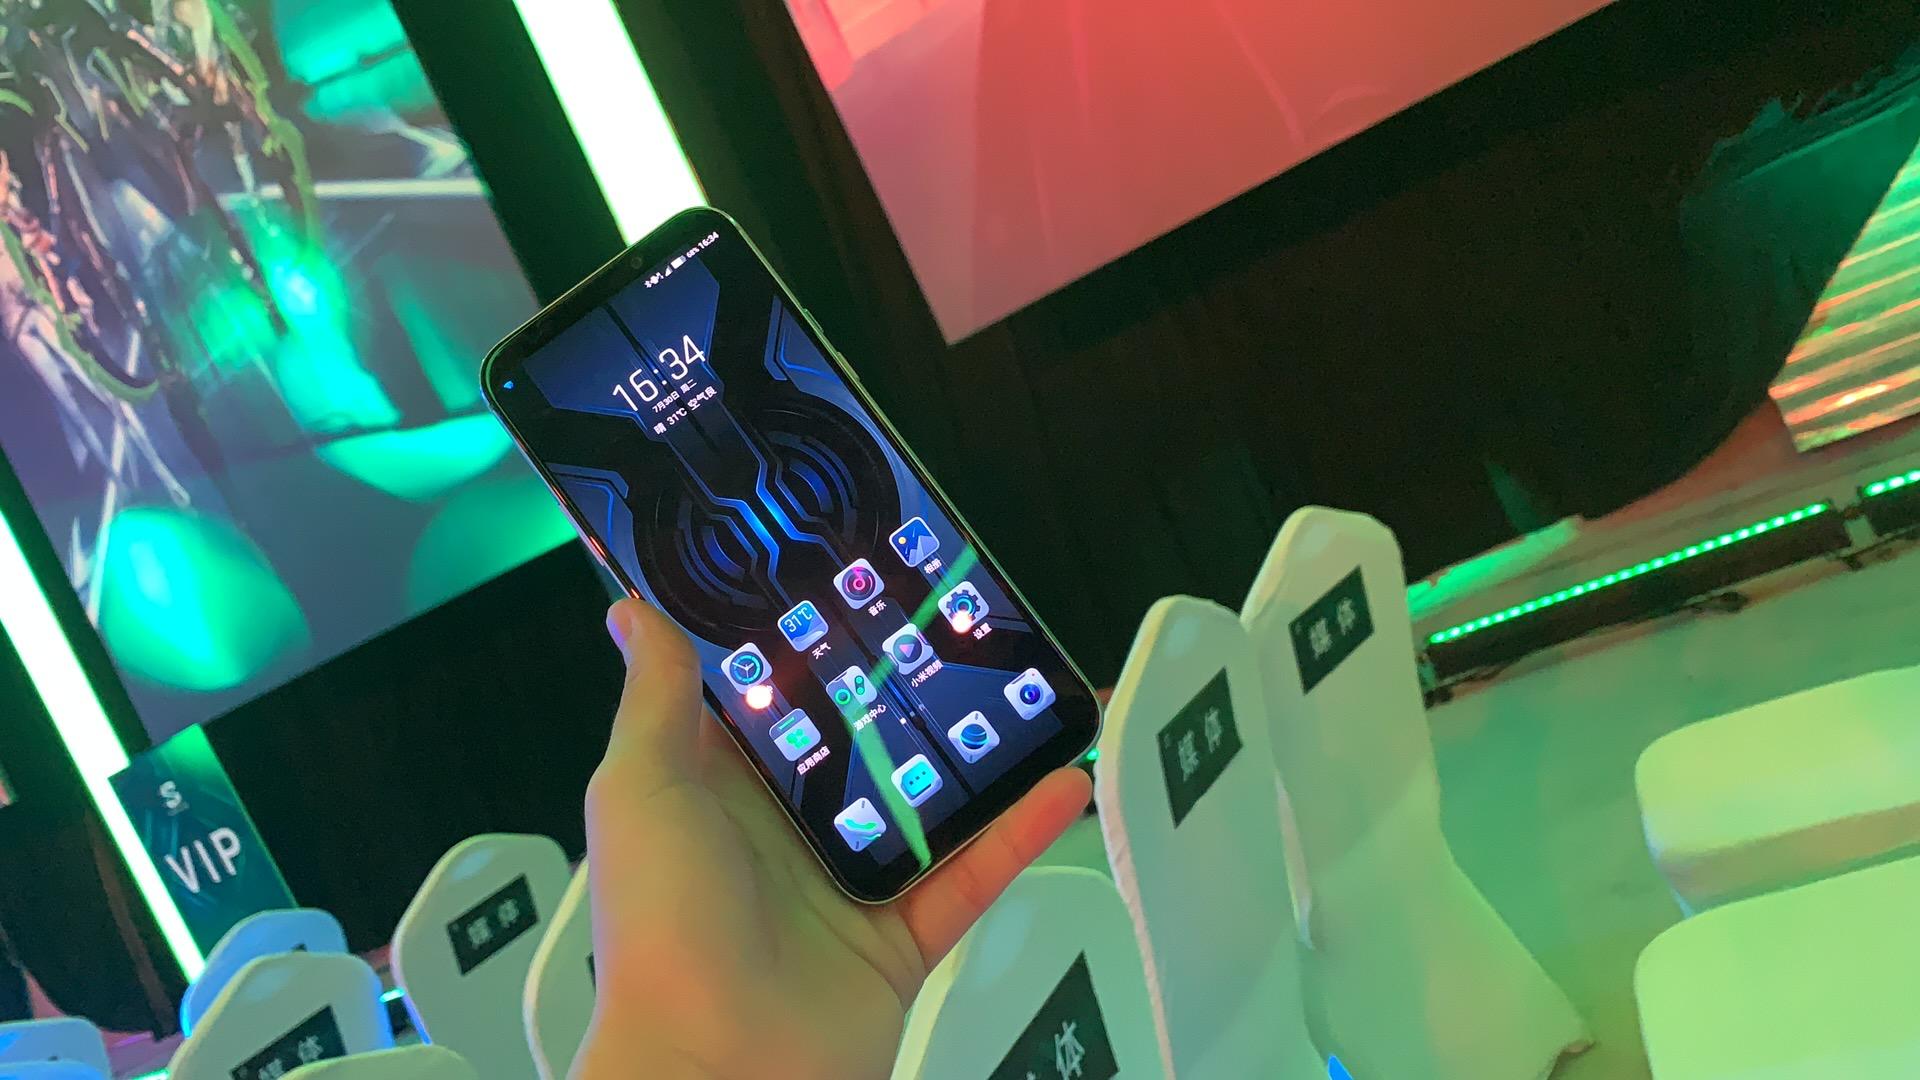 黑鲨游戏手机2 Pro发布:高通855+,2999元起售